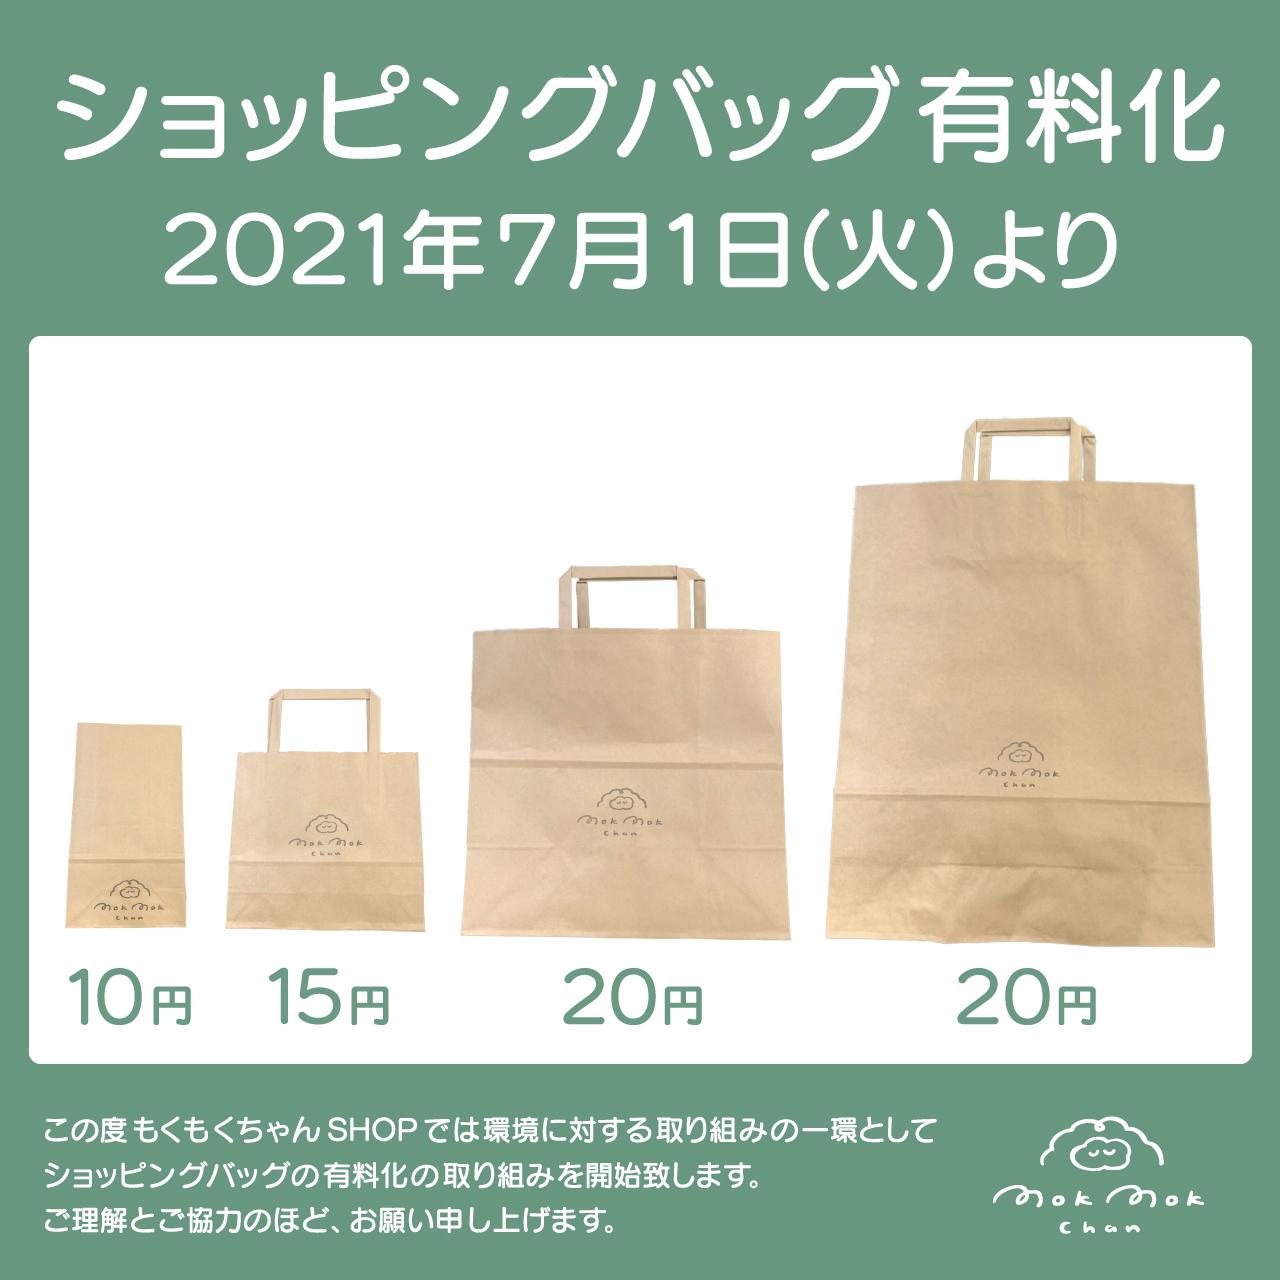 ポップアップショップのショッピングバッグ有料化いたいます